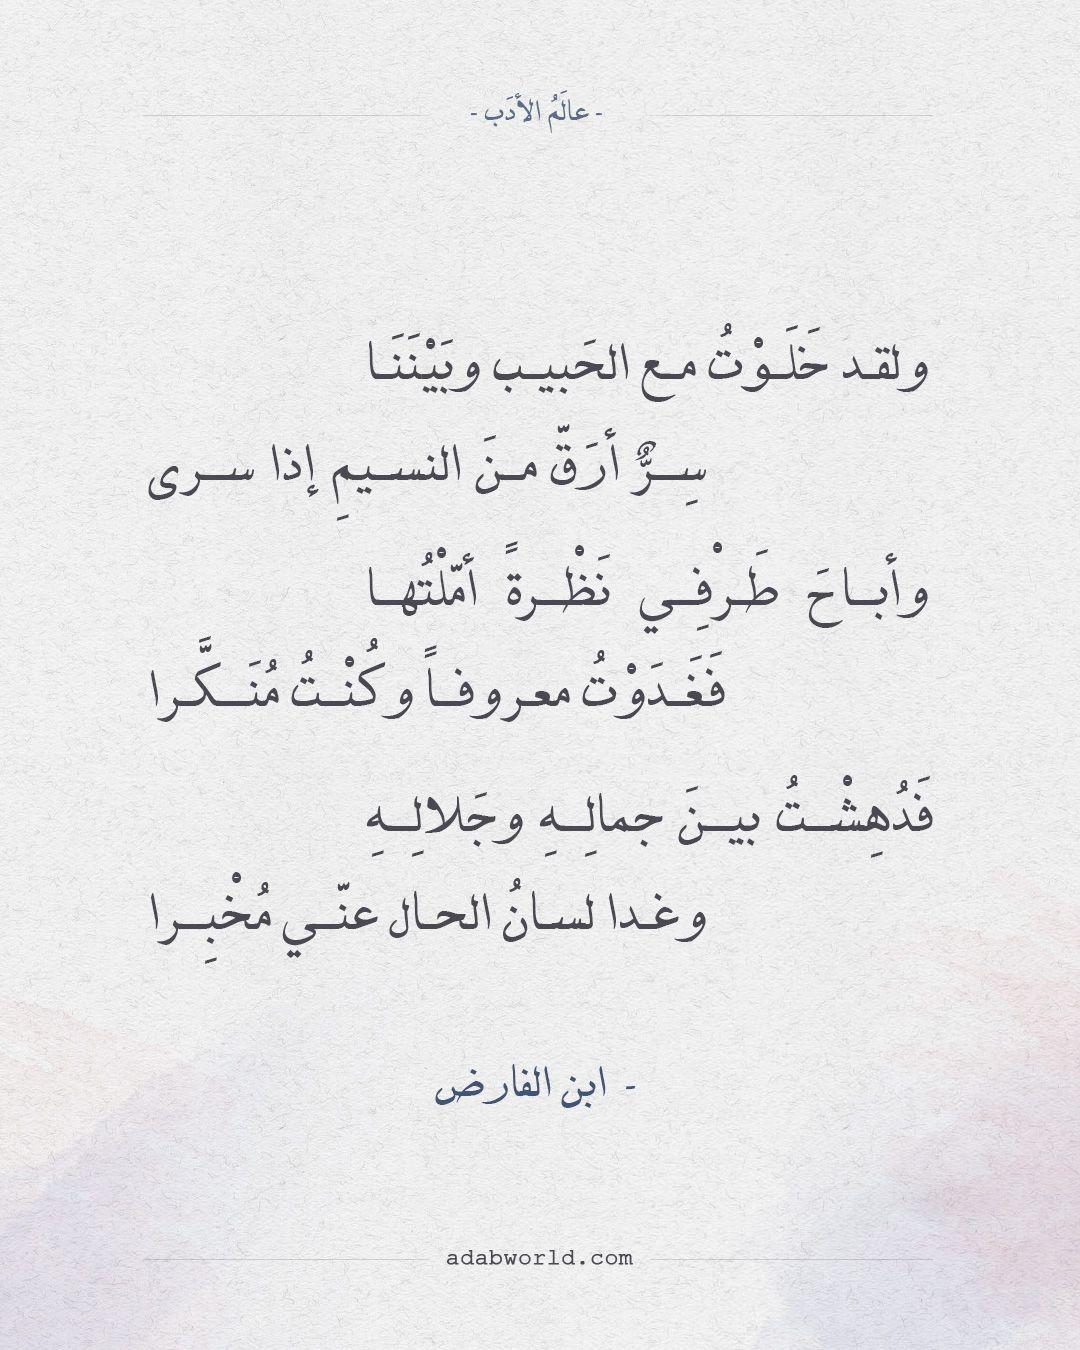 شعر ابن الفارض ولقد خلوت مع الحبيب عالم الأدب Words Quotes Beautiful Quotes Pretty Words